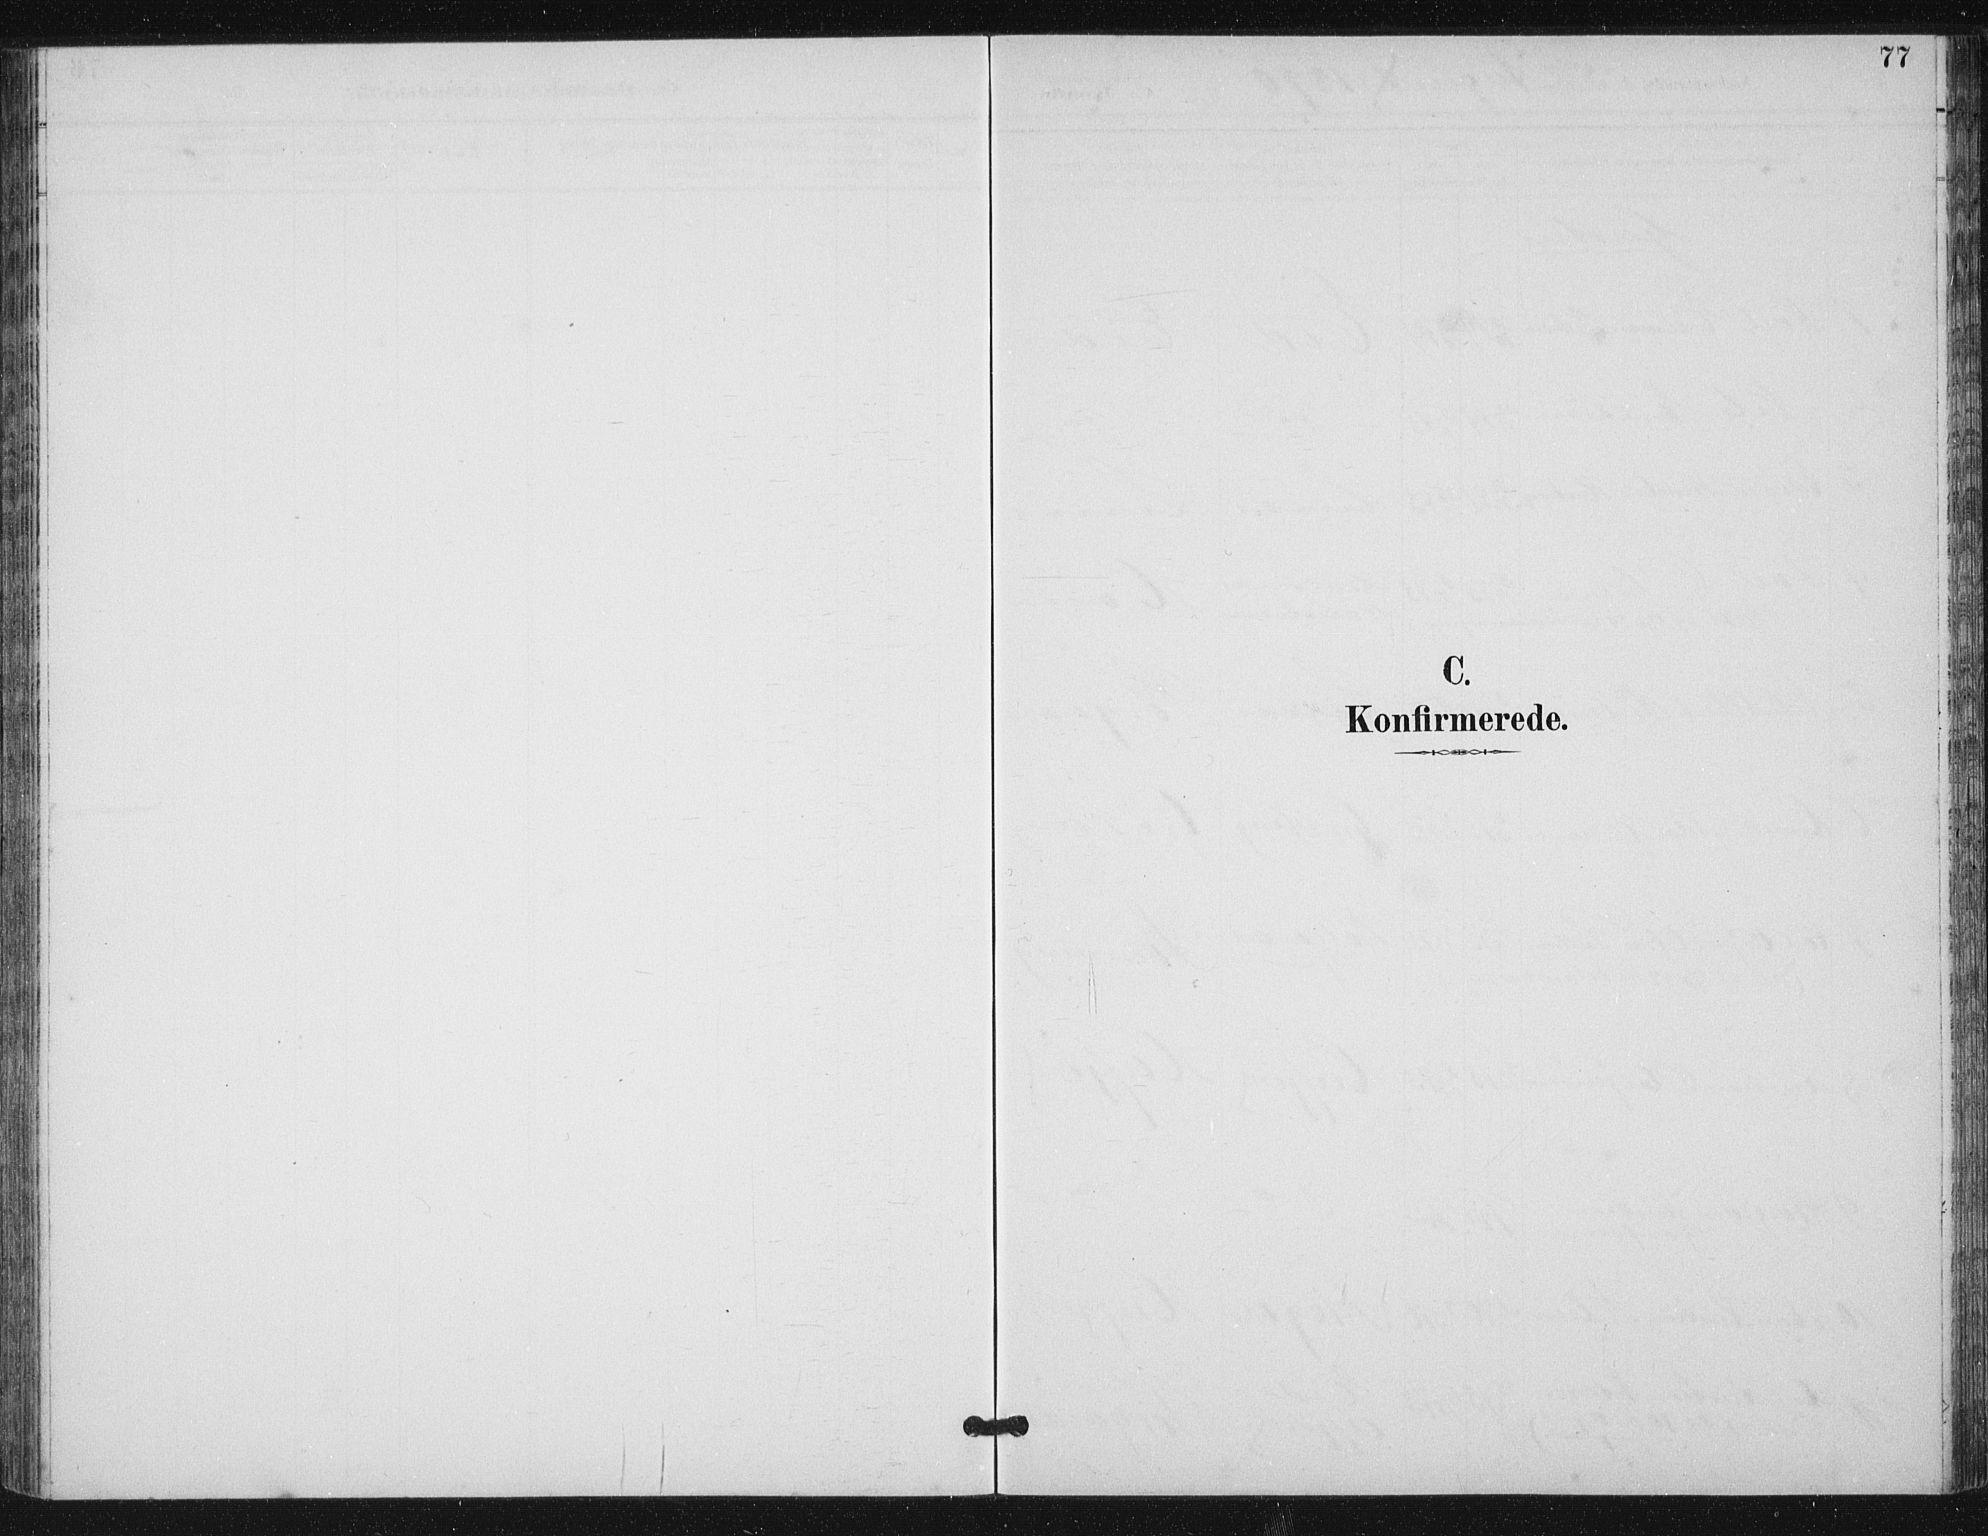 SAT, Ministerialprotokoller, klokkerbøker og fødselsregistre - Sør-Trøndelag, 656/L0698: Klokkerbok nr. 656C04, 1890-1904, s. 77